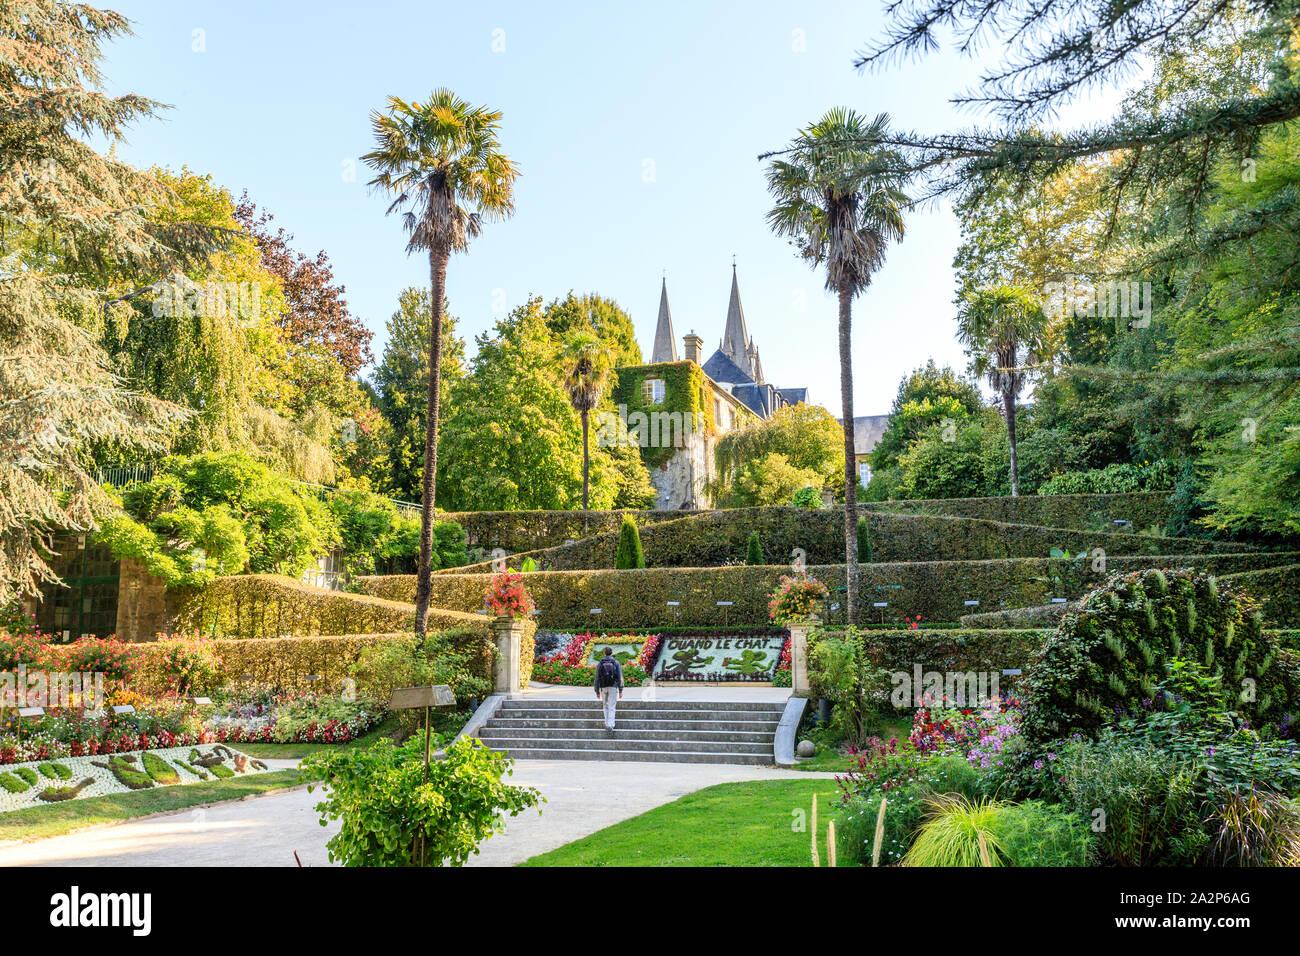 Francia, Manche, Cotentin, Coutances, el Jardin des plantes // Francia, Manche (50), de Cotentin, Coutances, Le Jardin des plantes Foto de stock